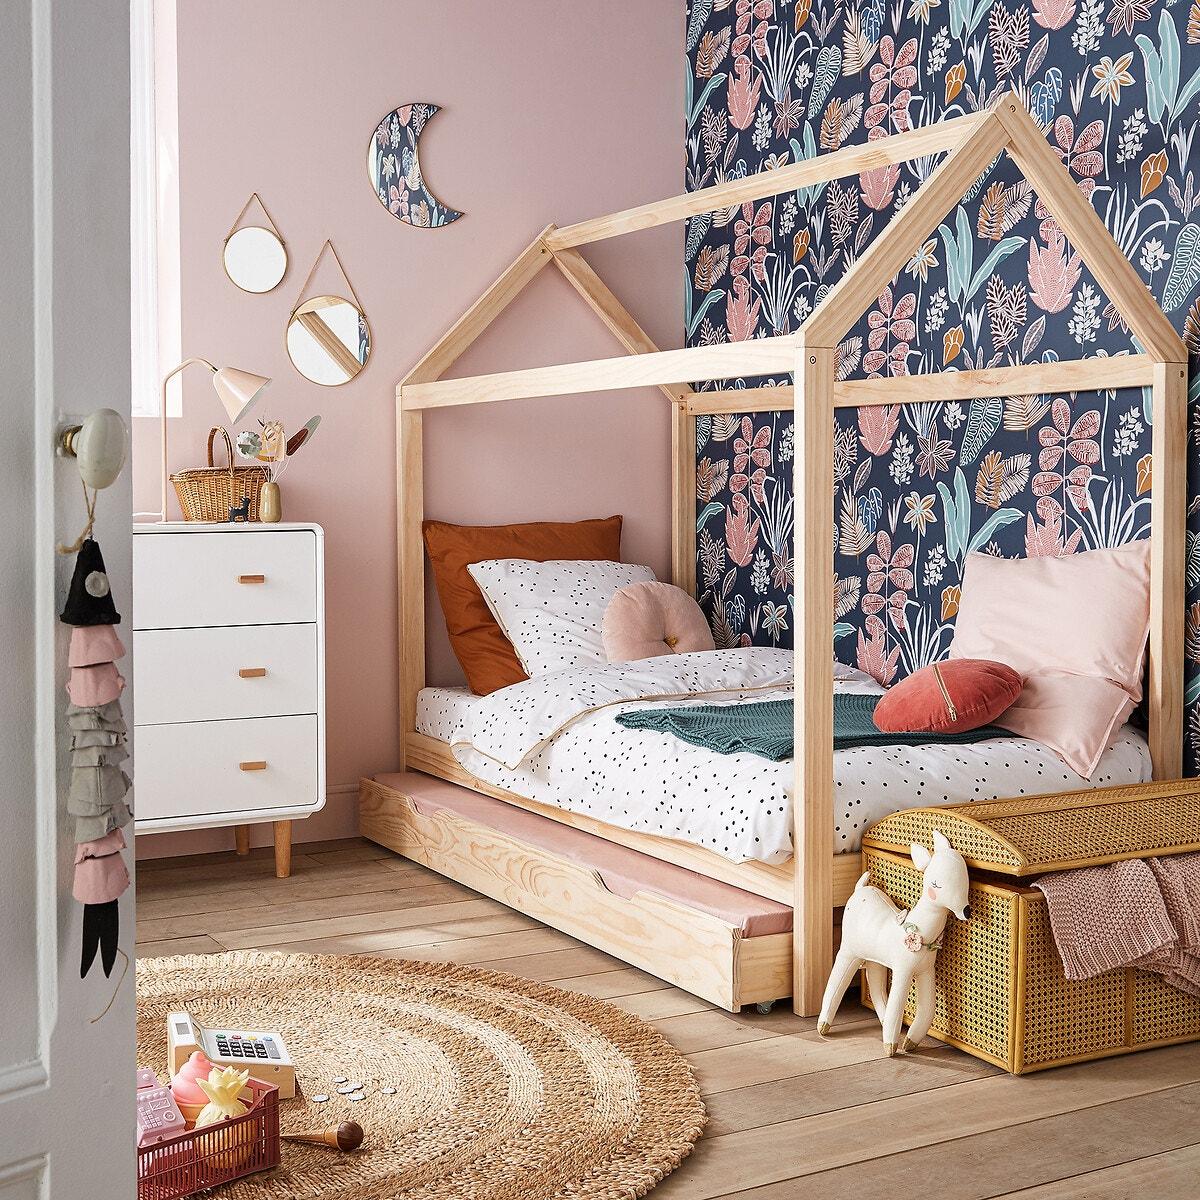 Décoration chambre fille avec papier peint à fleurs